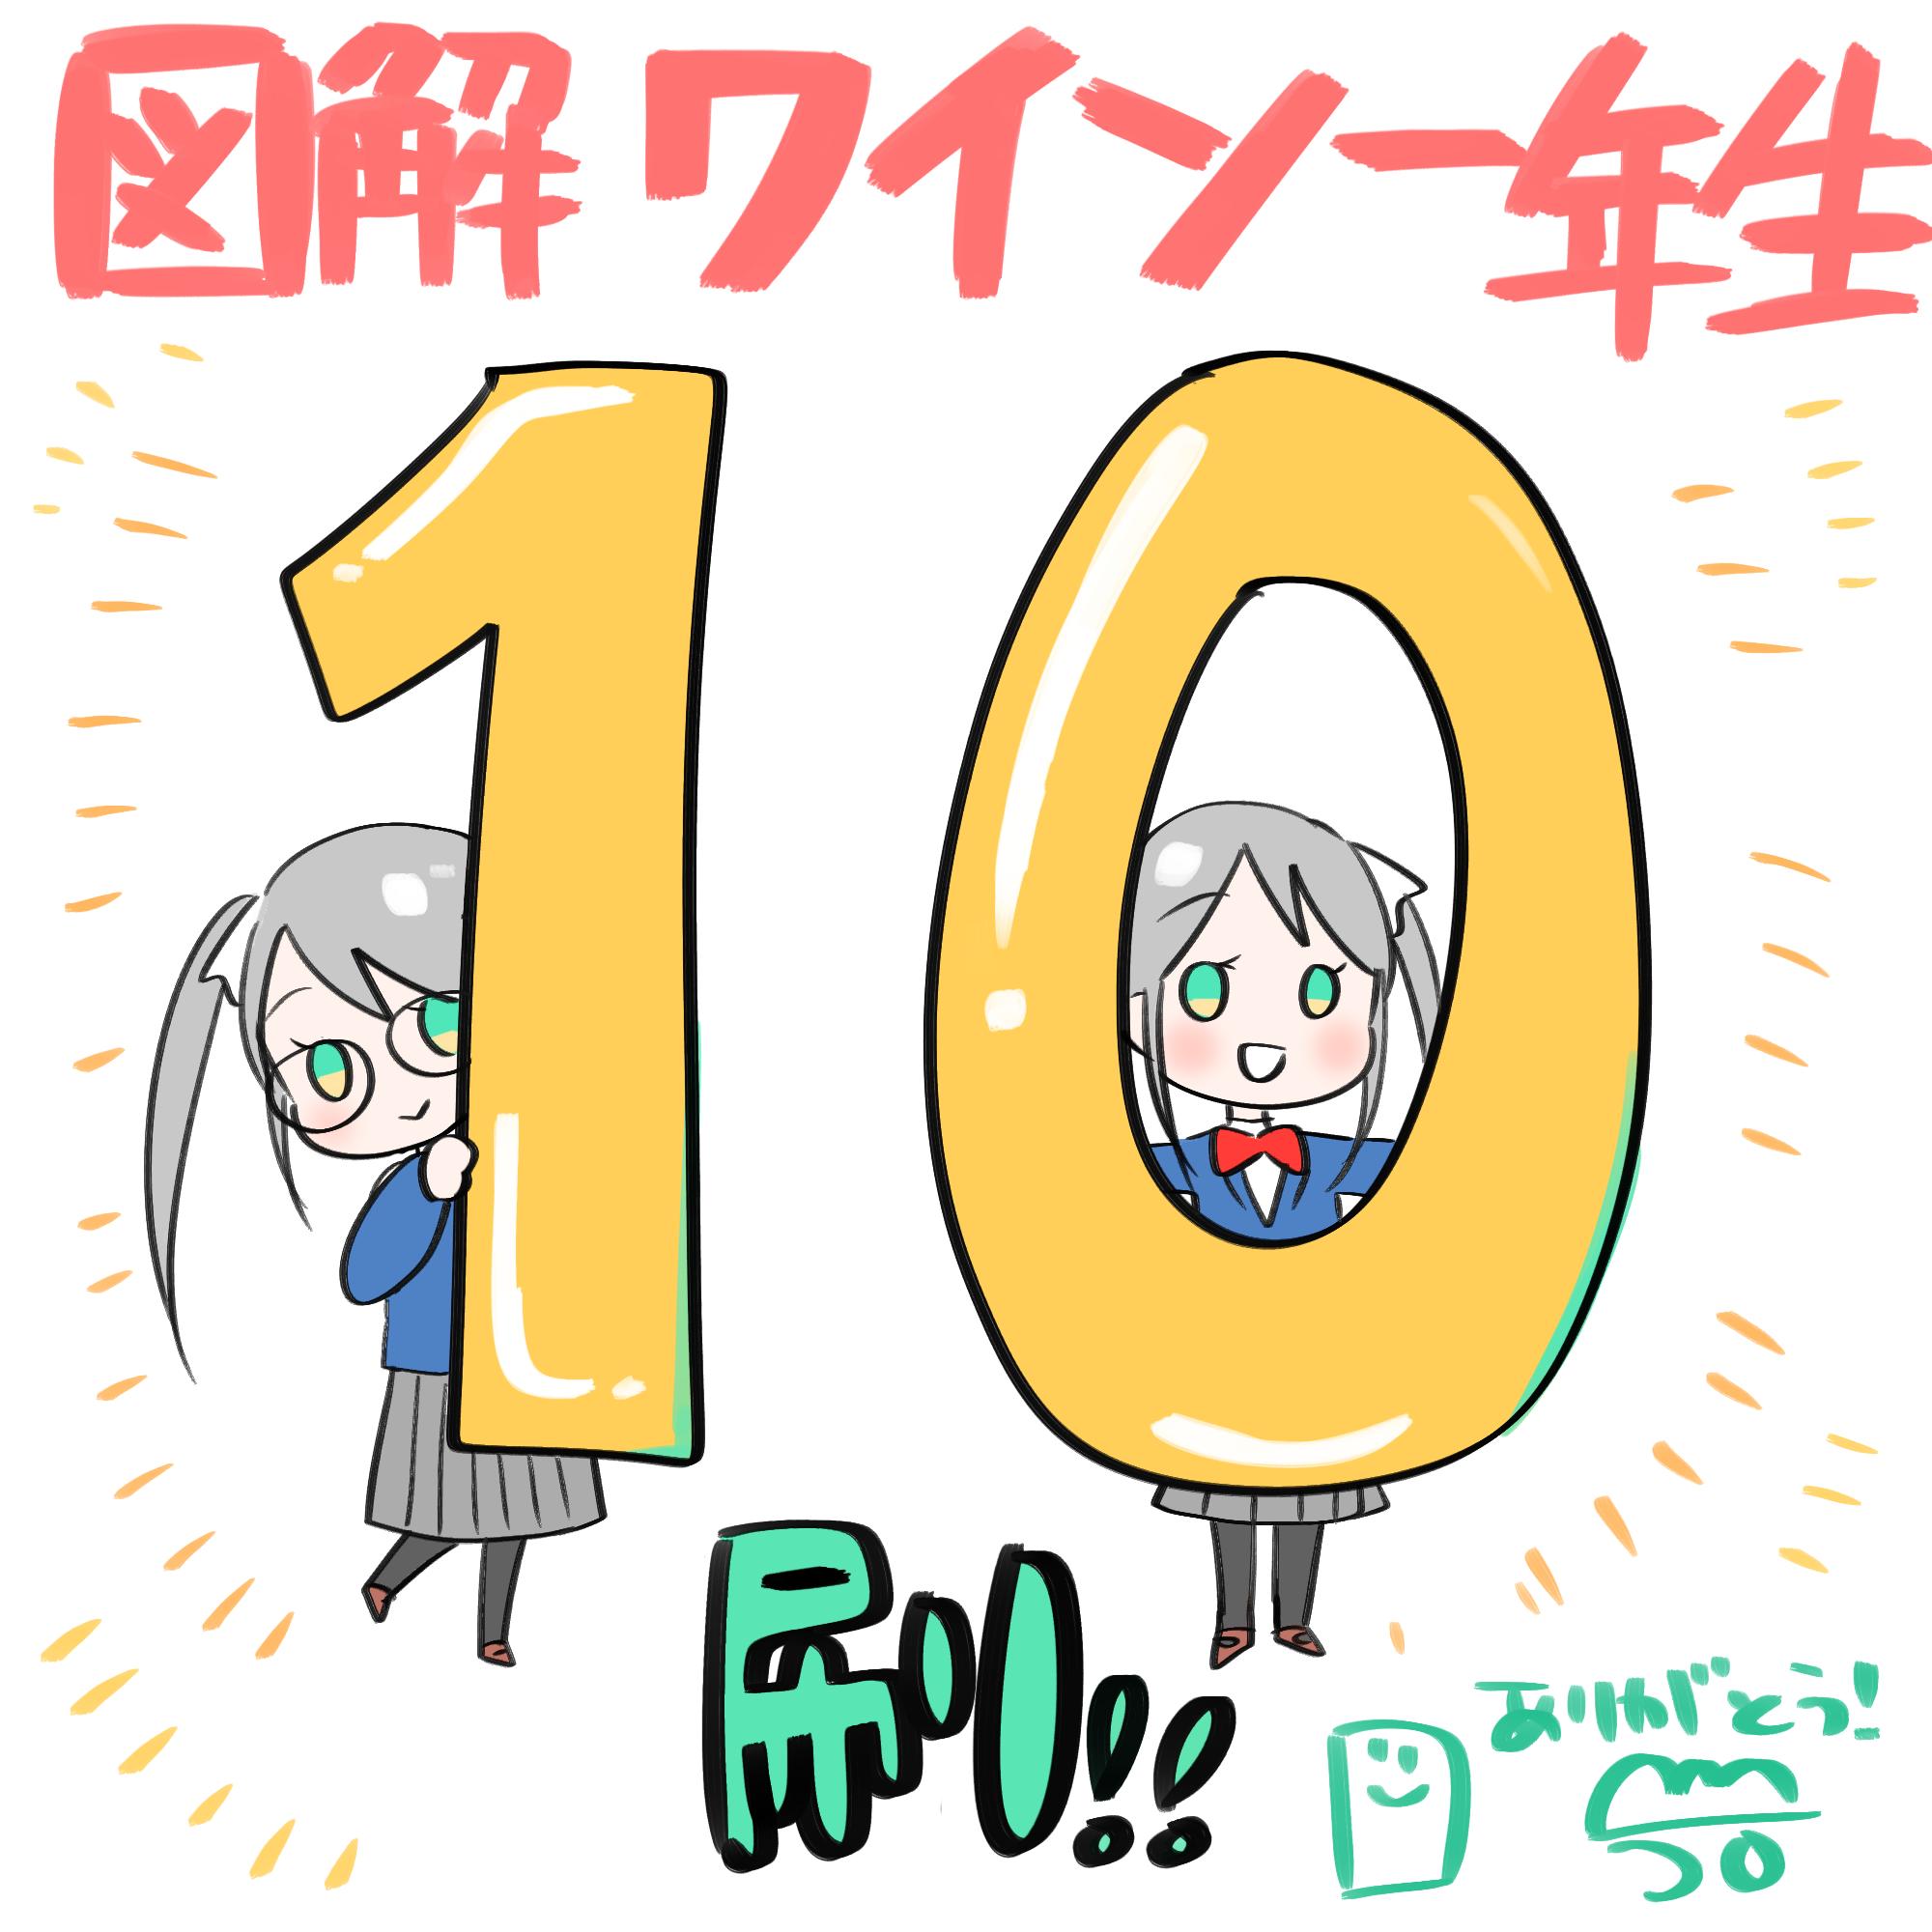 10suri